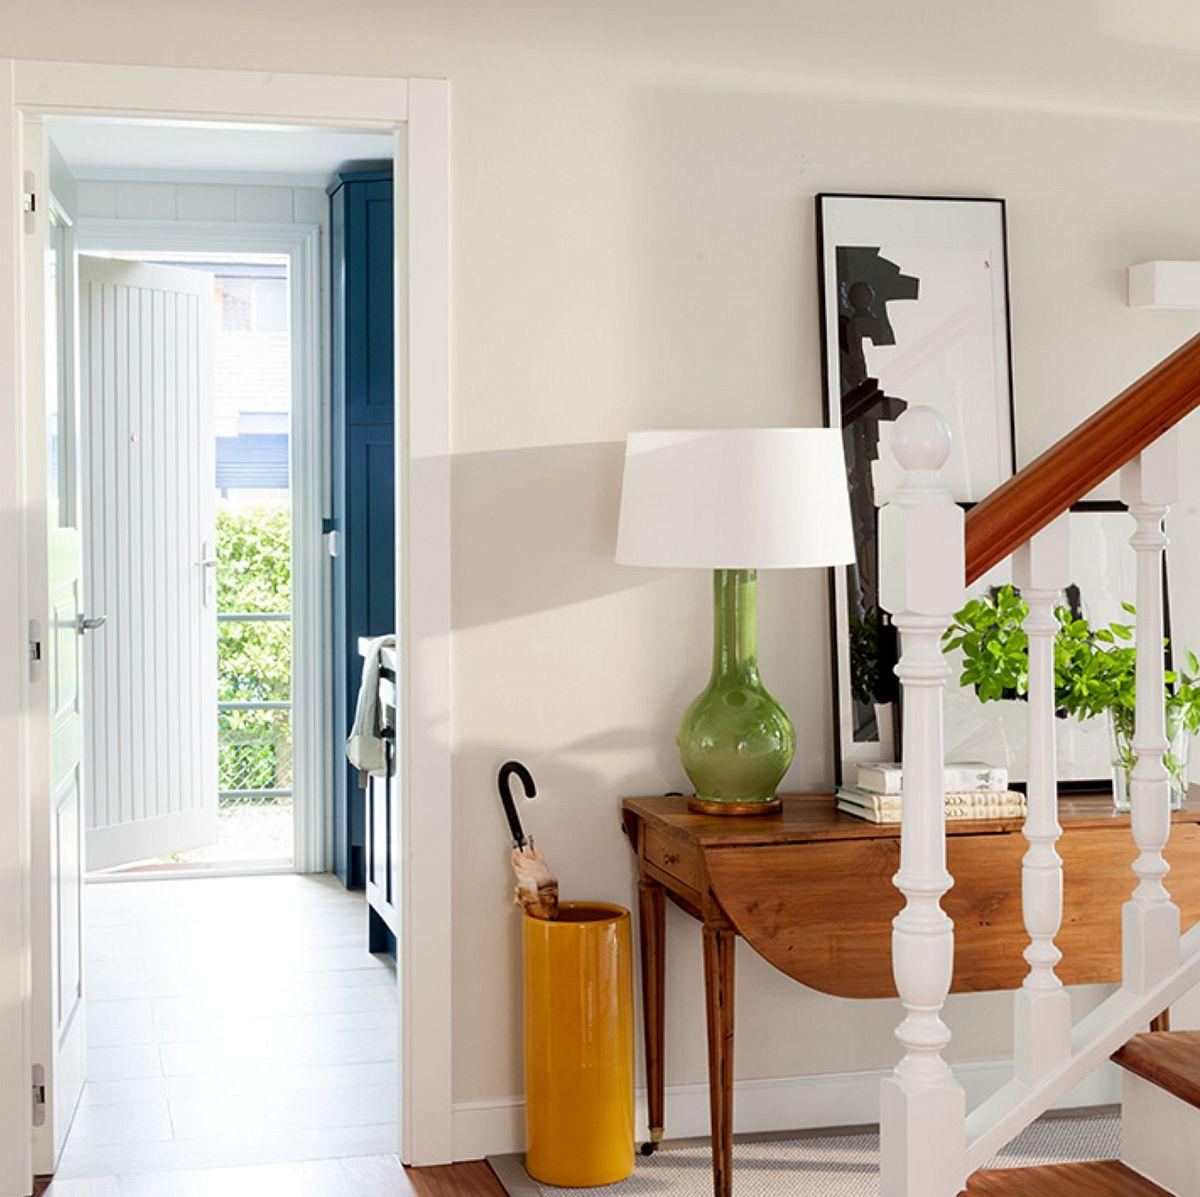 Prima încăpere care se deschide din hol este bucătăria. Spațiul de gătit are propria ușa de acces către exterior, așa că zona de circulație a fost debarasată de mobilă. În dreapta se ghicesc în spațiul bucătăriei corpurile înalte de mobilier în nuanță albastră, care adăpostesc electrocasnicele mari.